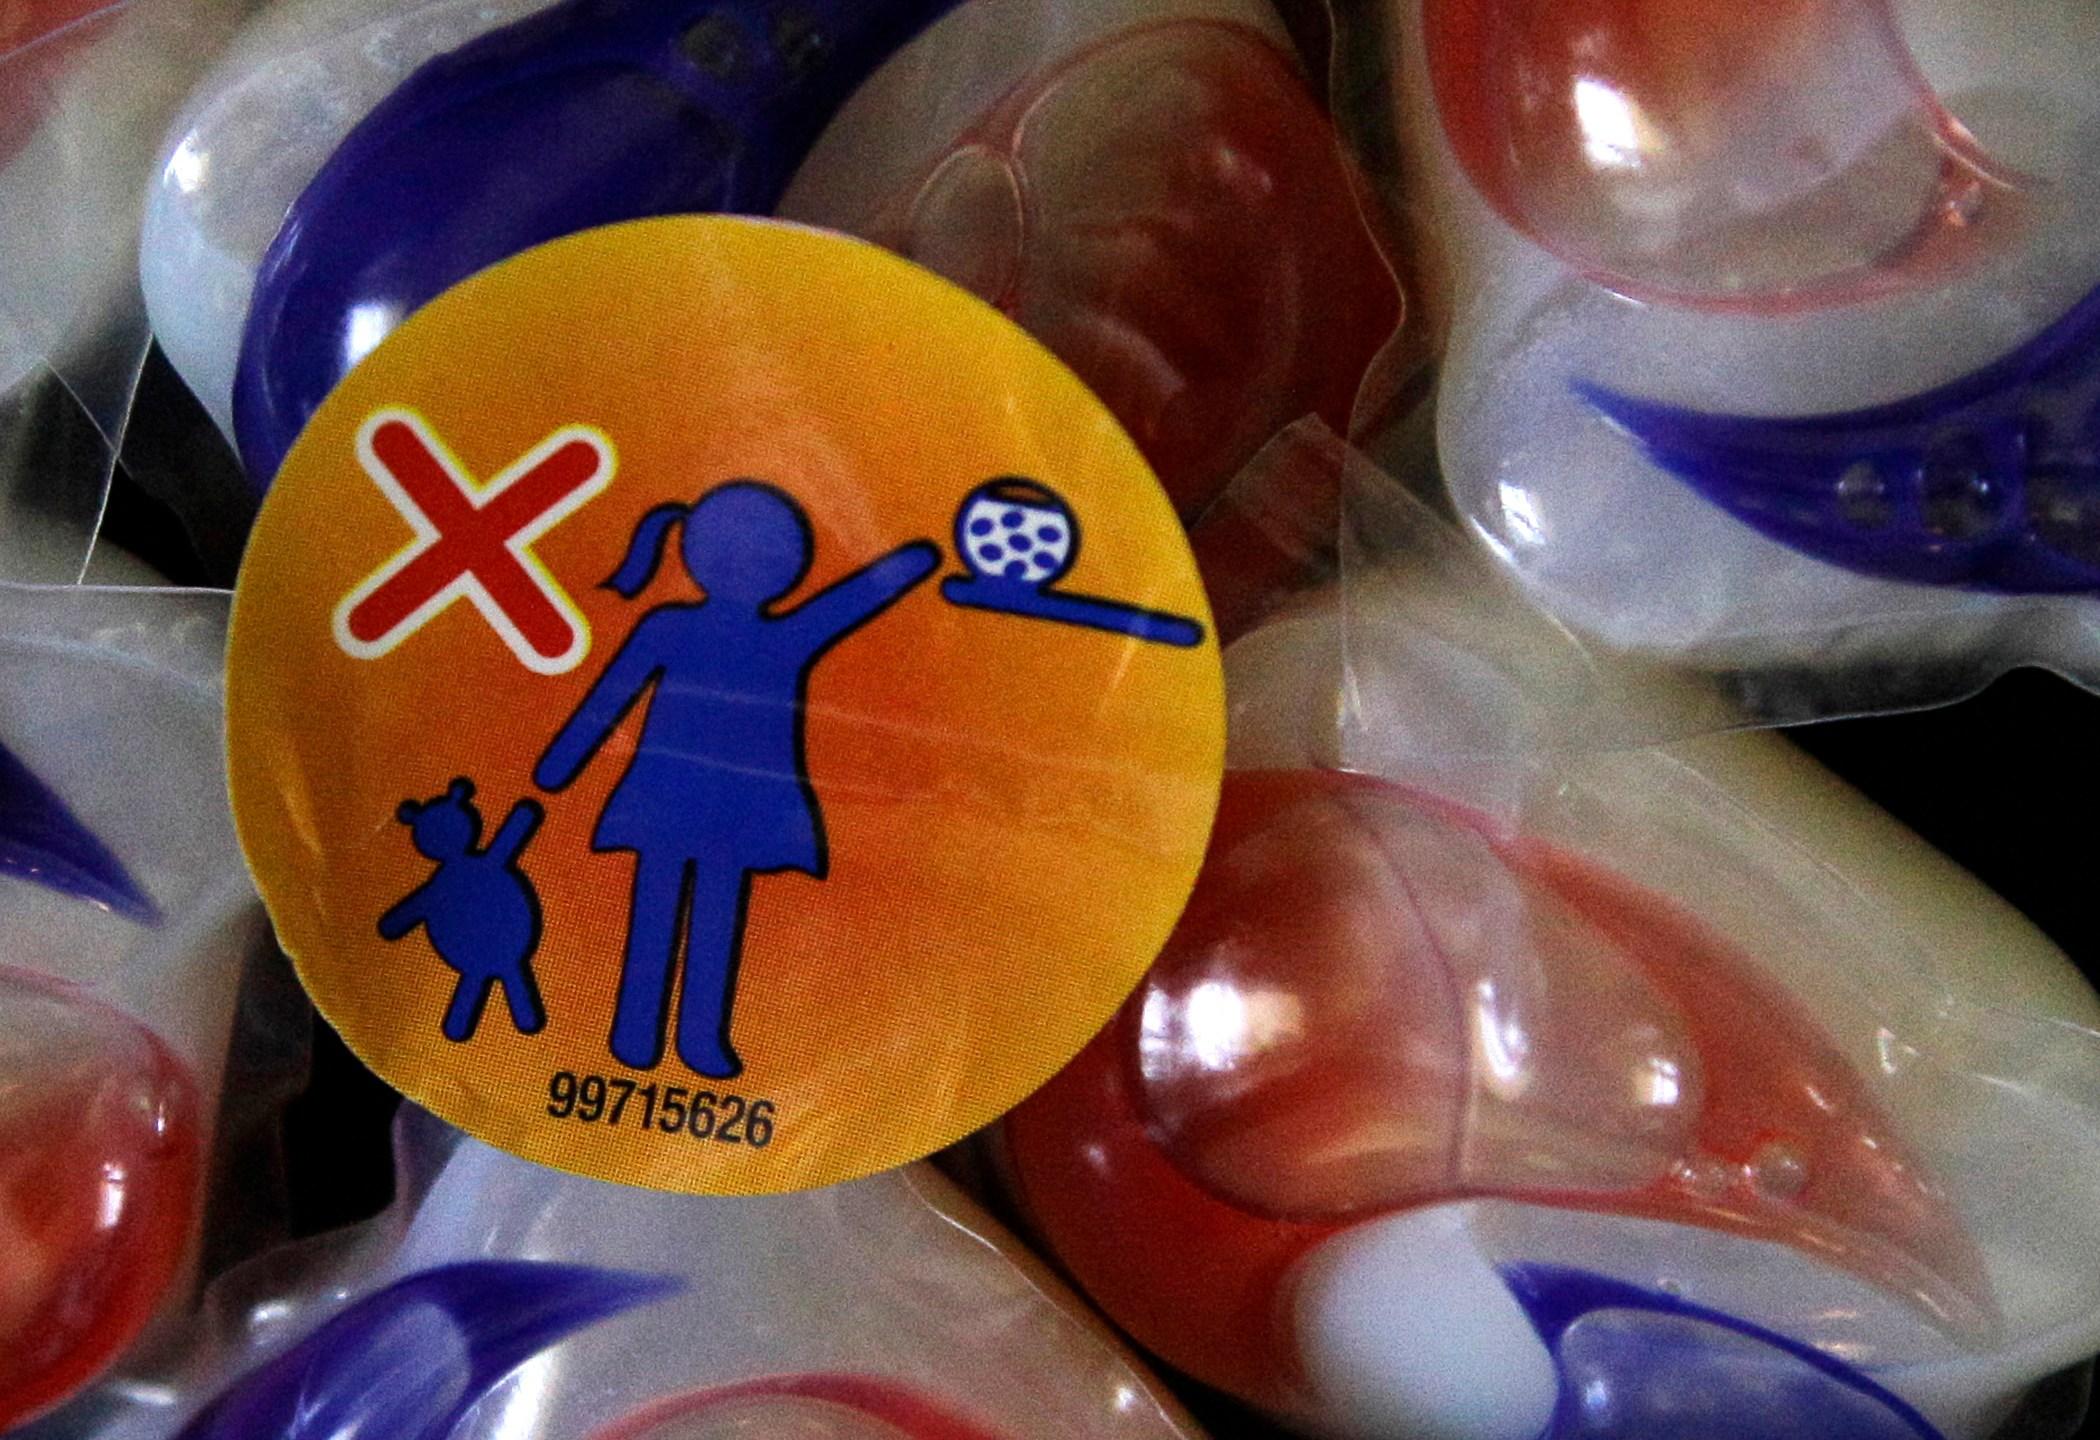 Detergent Pods_677515